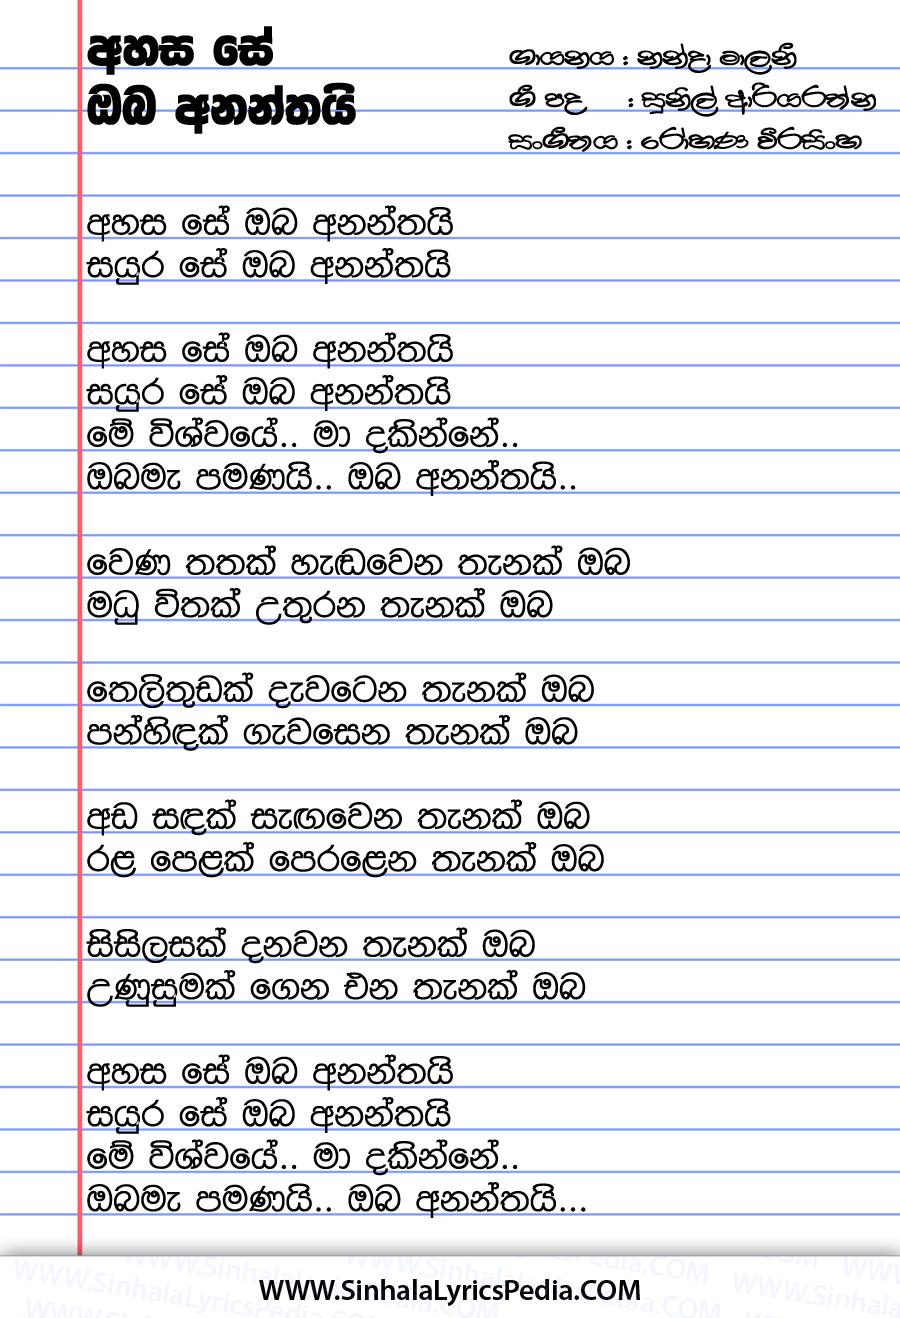 Ahasa Se Oba Ananthai Song Lyrics